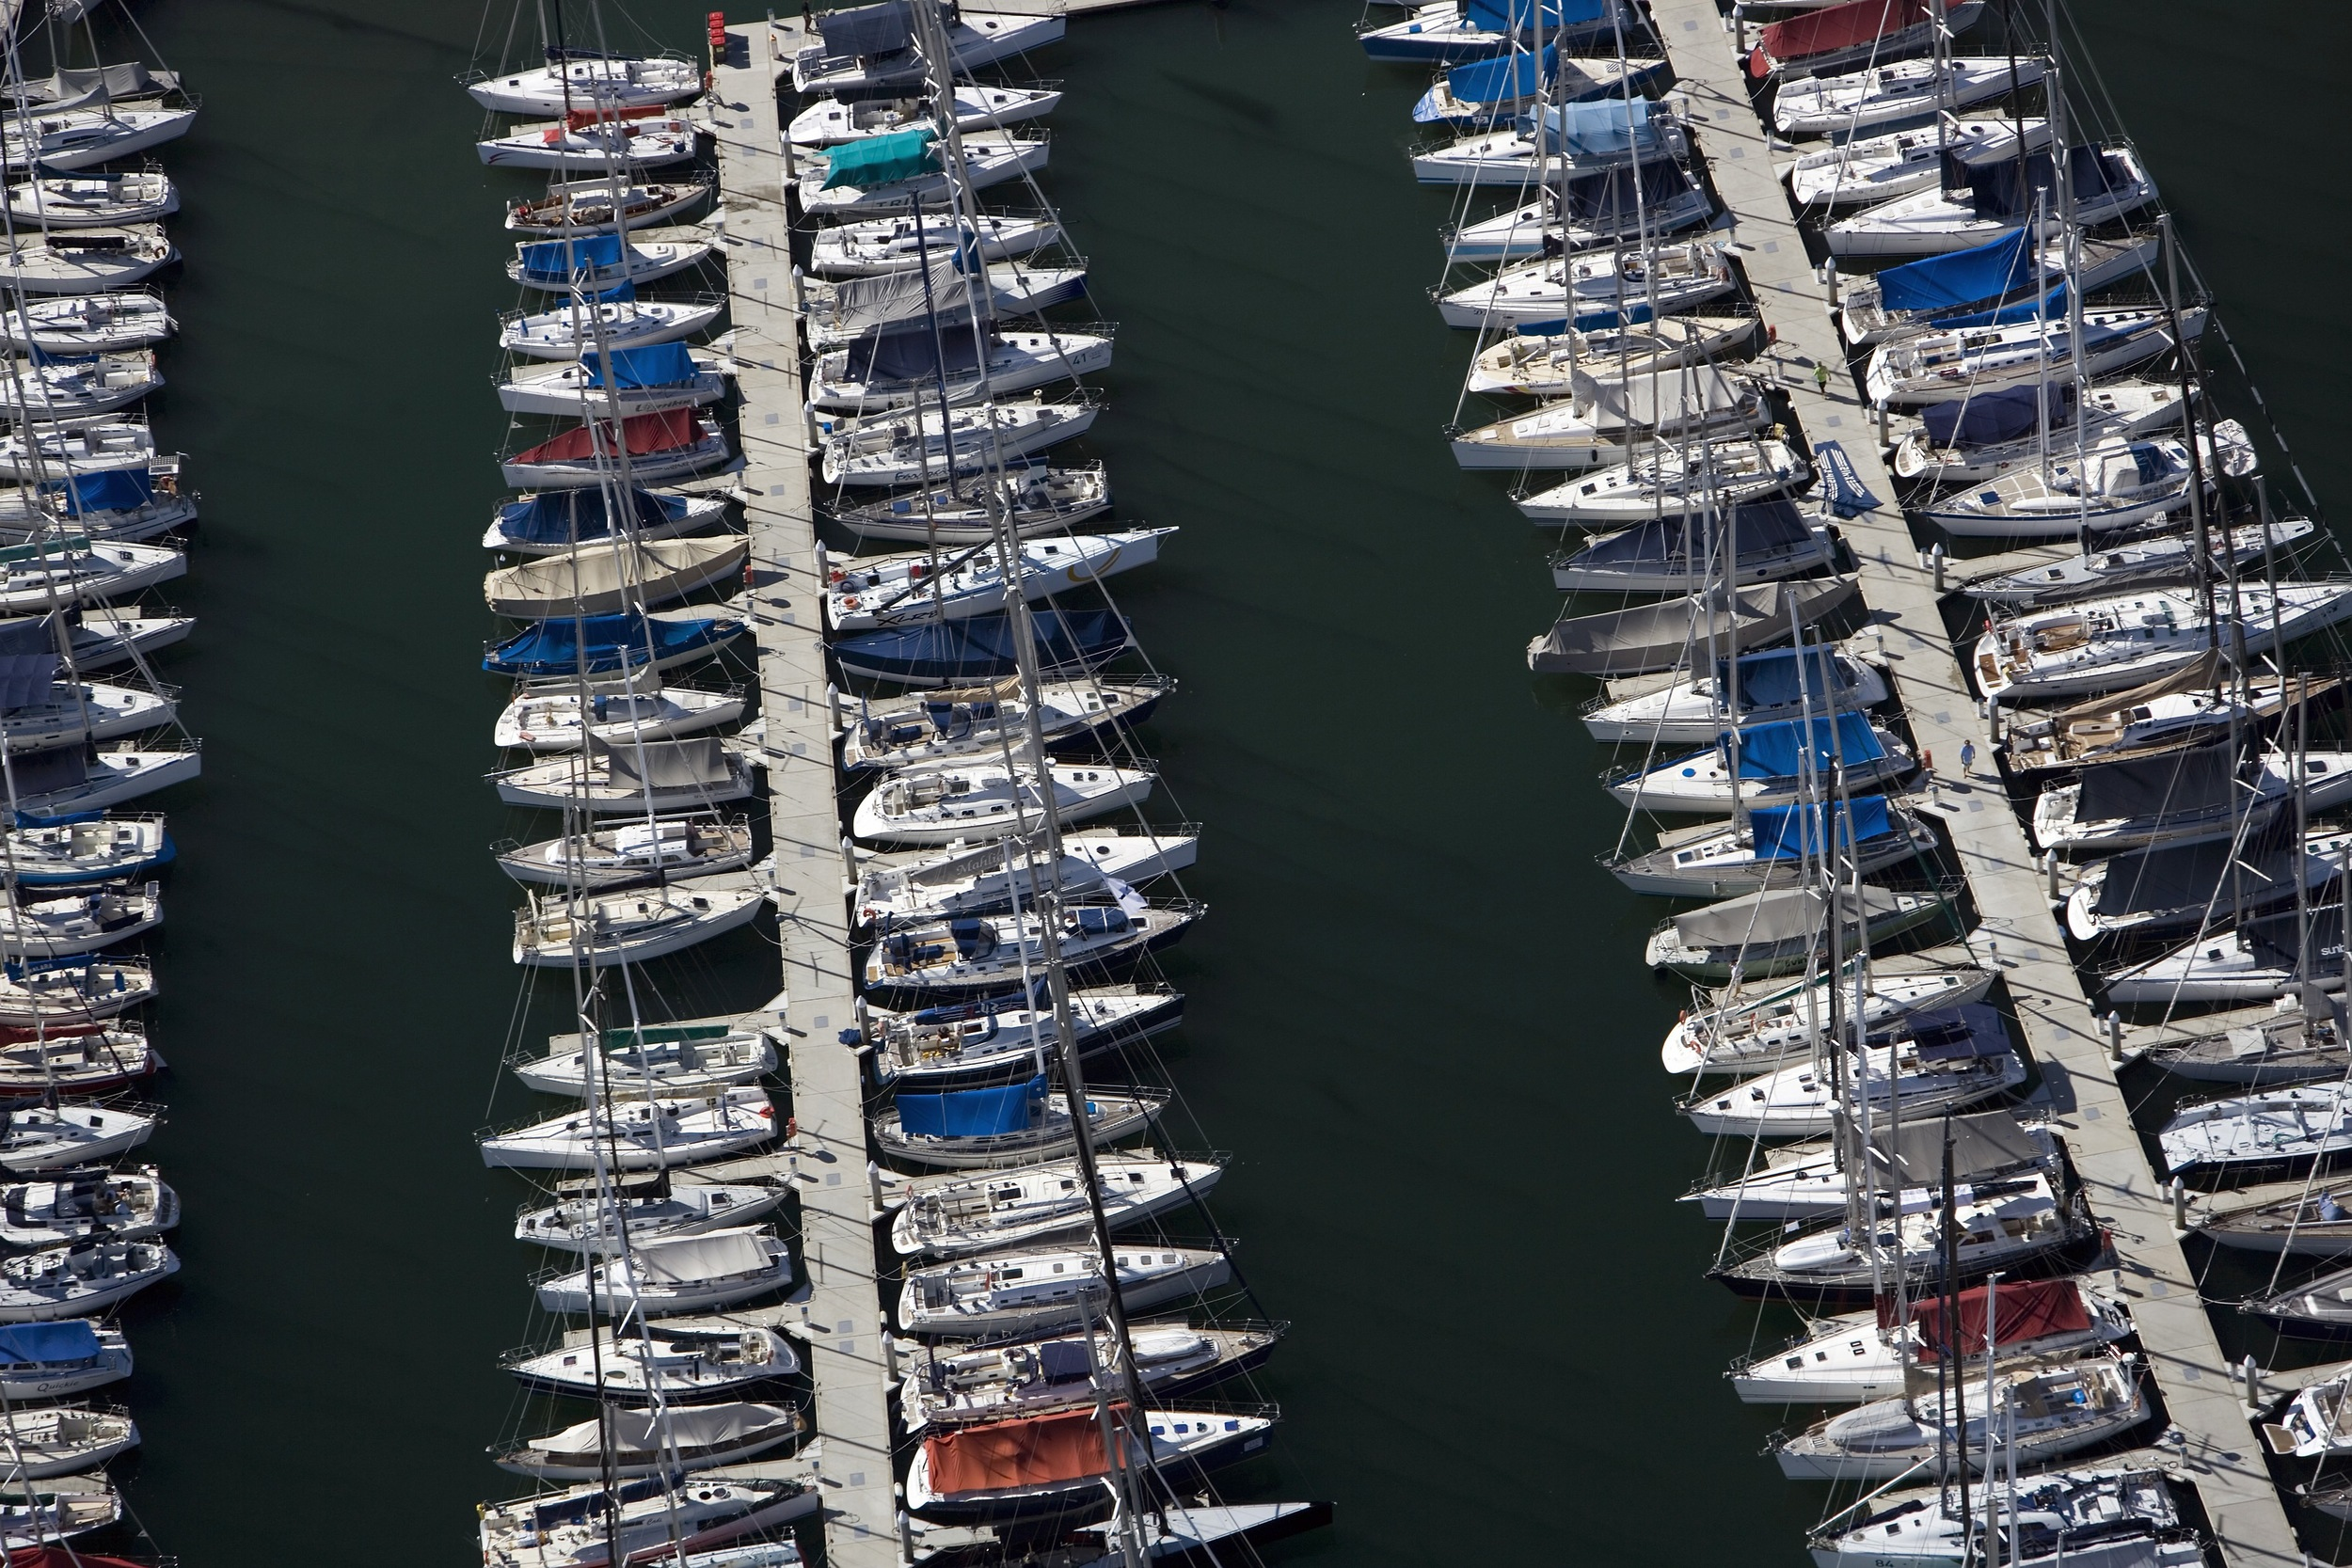 SydneyAerial_0102.jpg